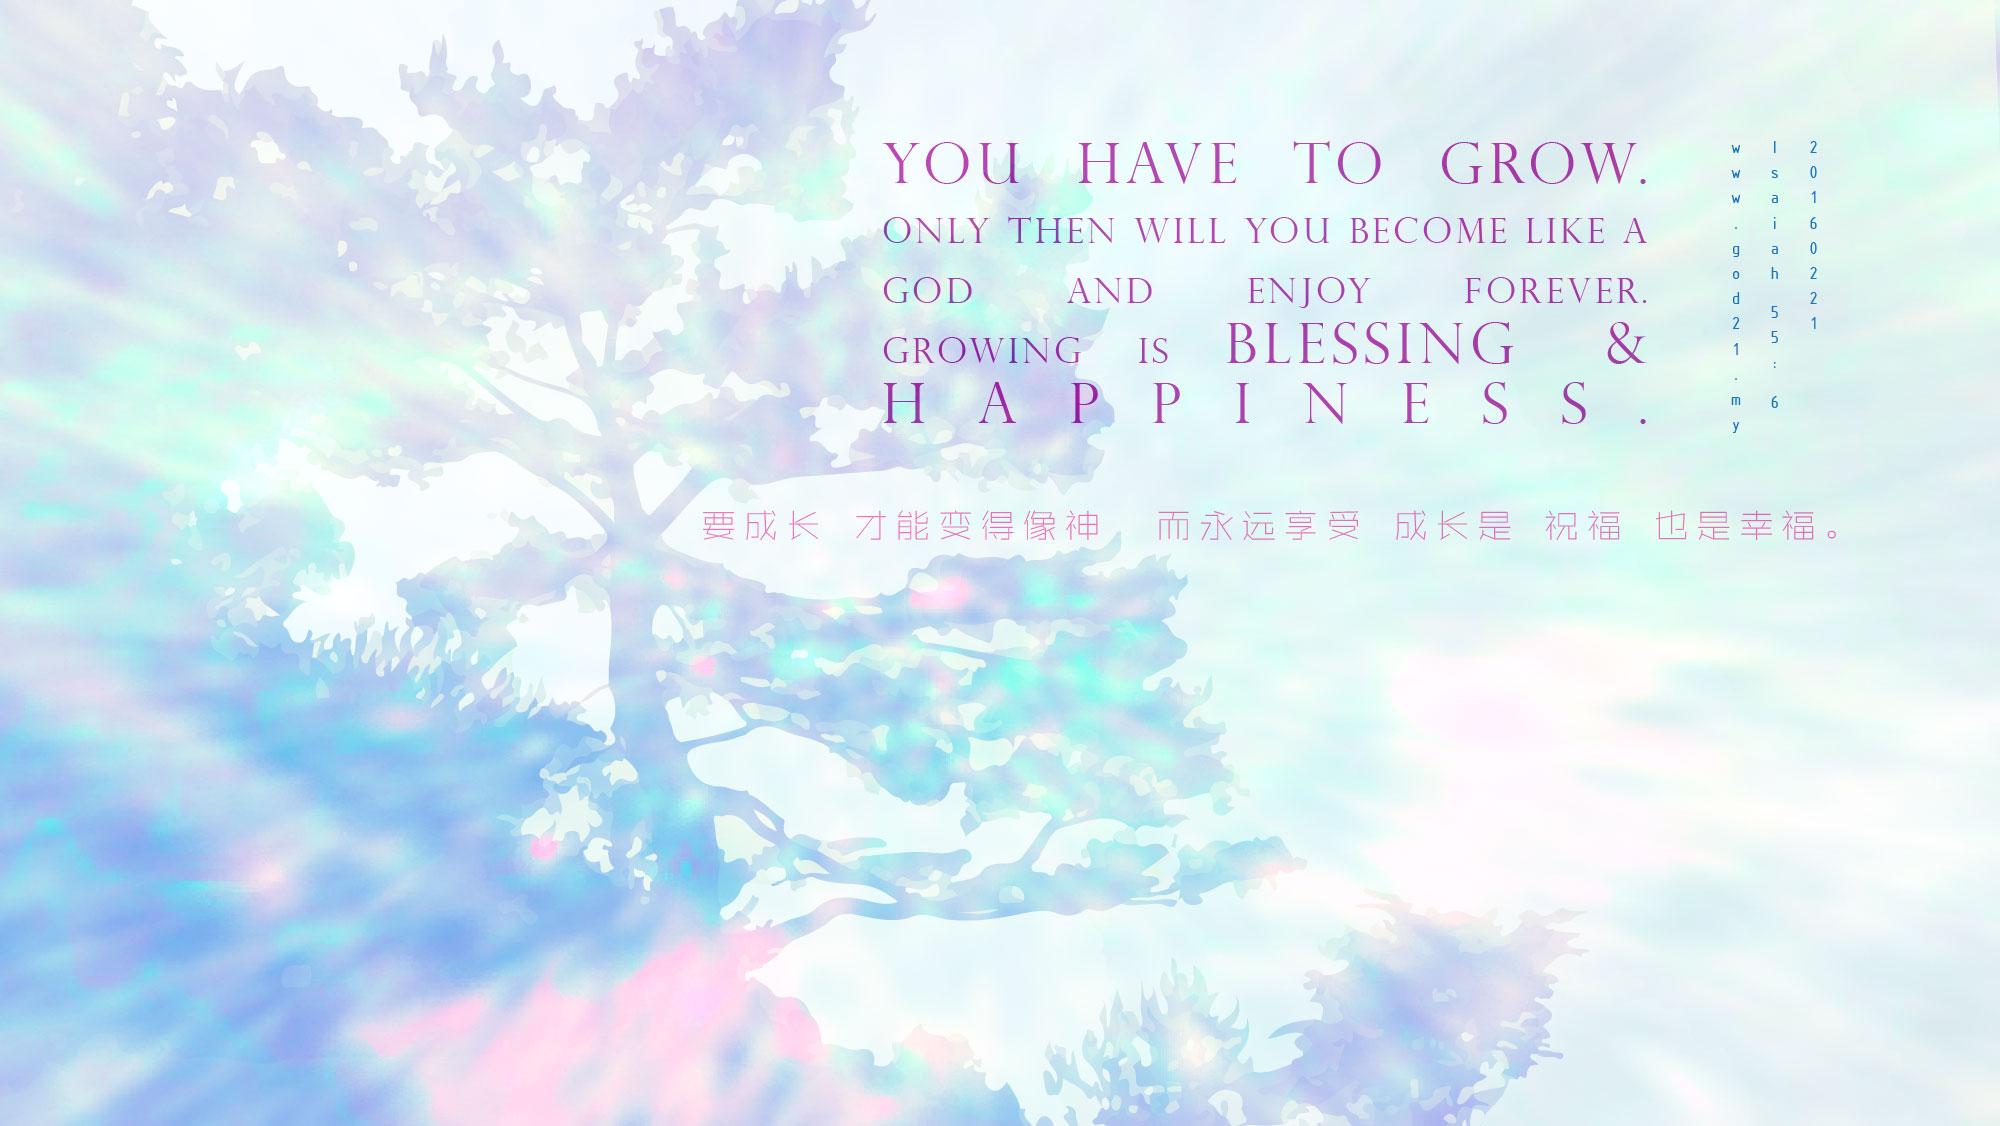 要成长才能变得像神而永远享受 成长是祝福也是幸福